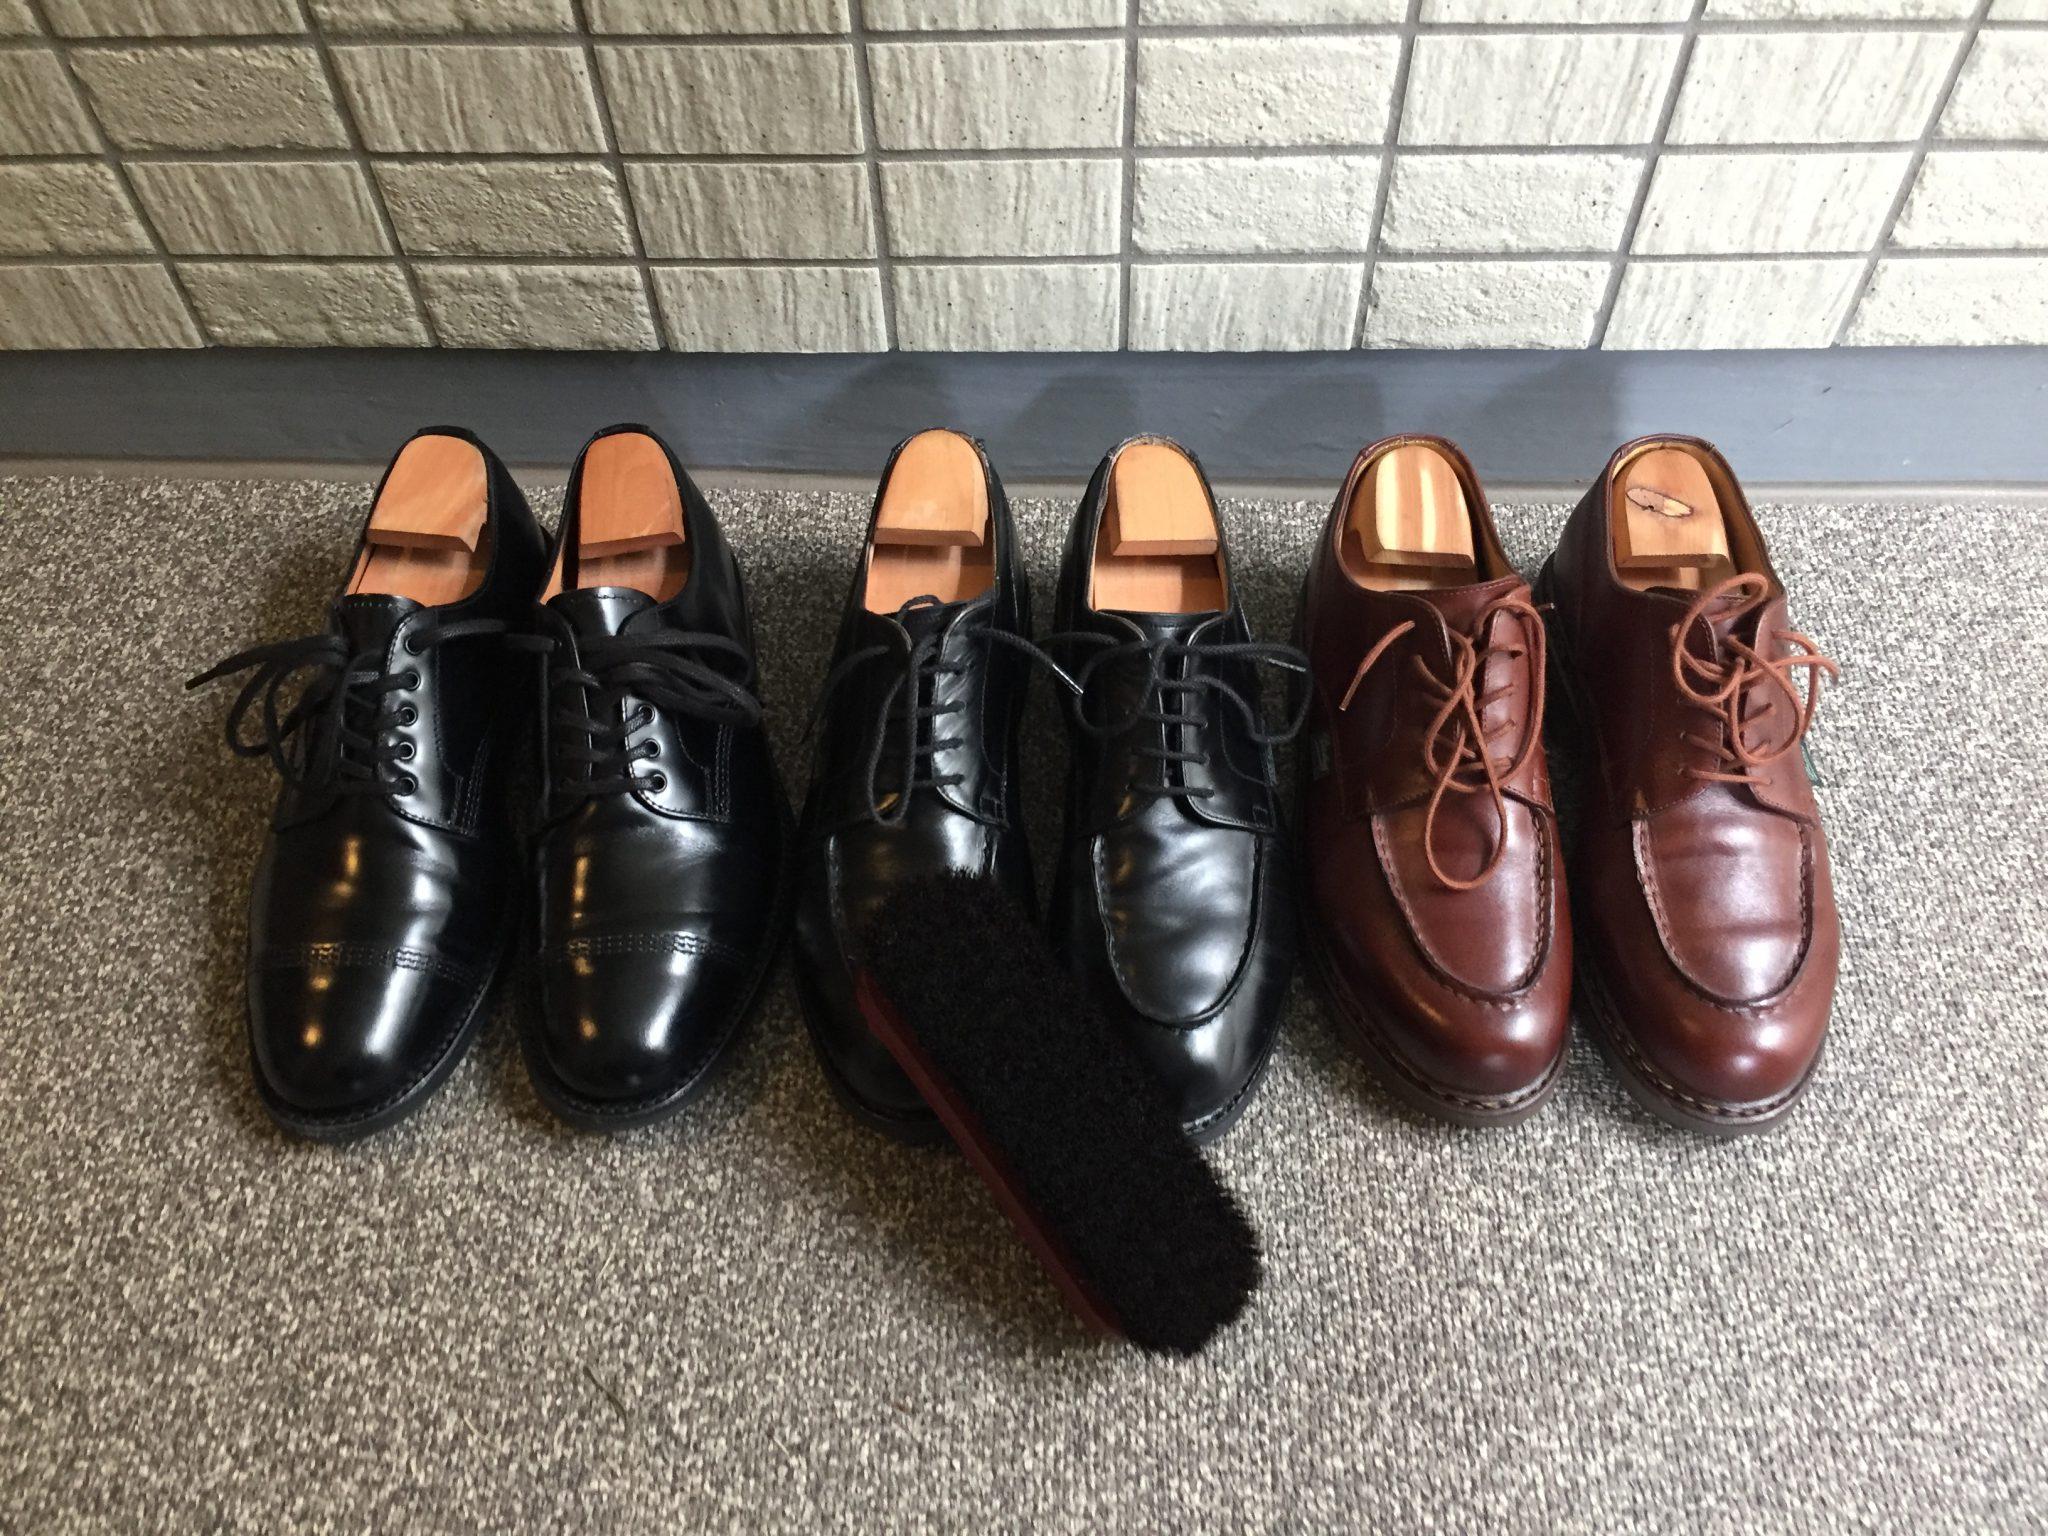 最近の革靴のお手入れ事情~すぐにクリームを塗ってしまいたくなるのをぐっと我慢して念入りにブラッシングだけでメンテナンス